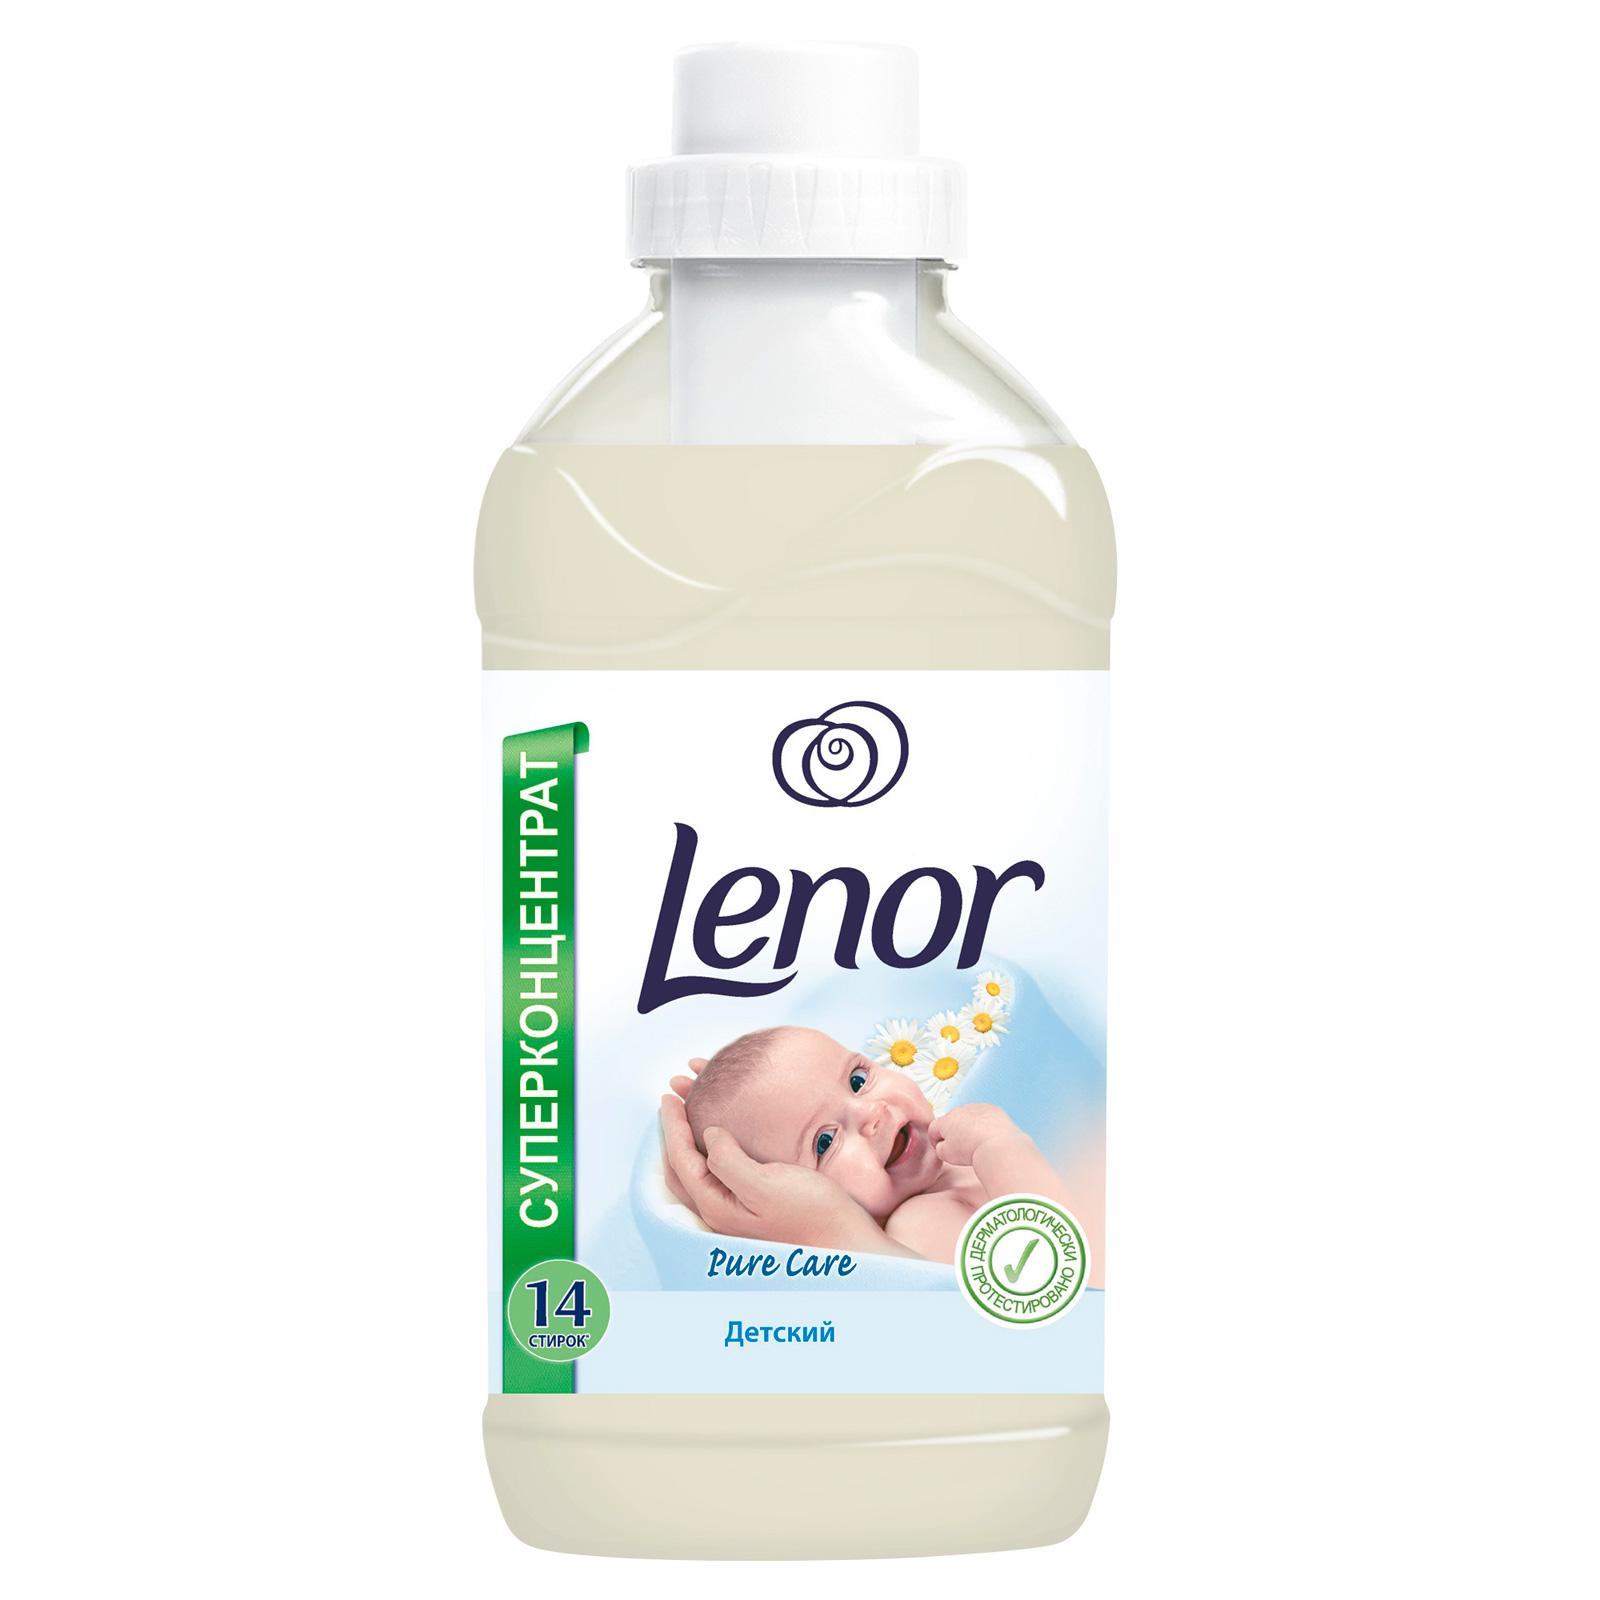 Кондиционер для белья Lenor Детский 500мл (14cтирок)<br>